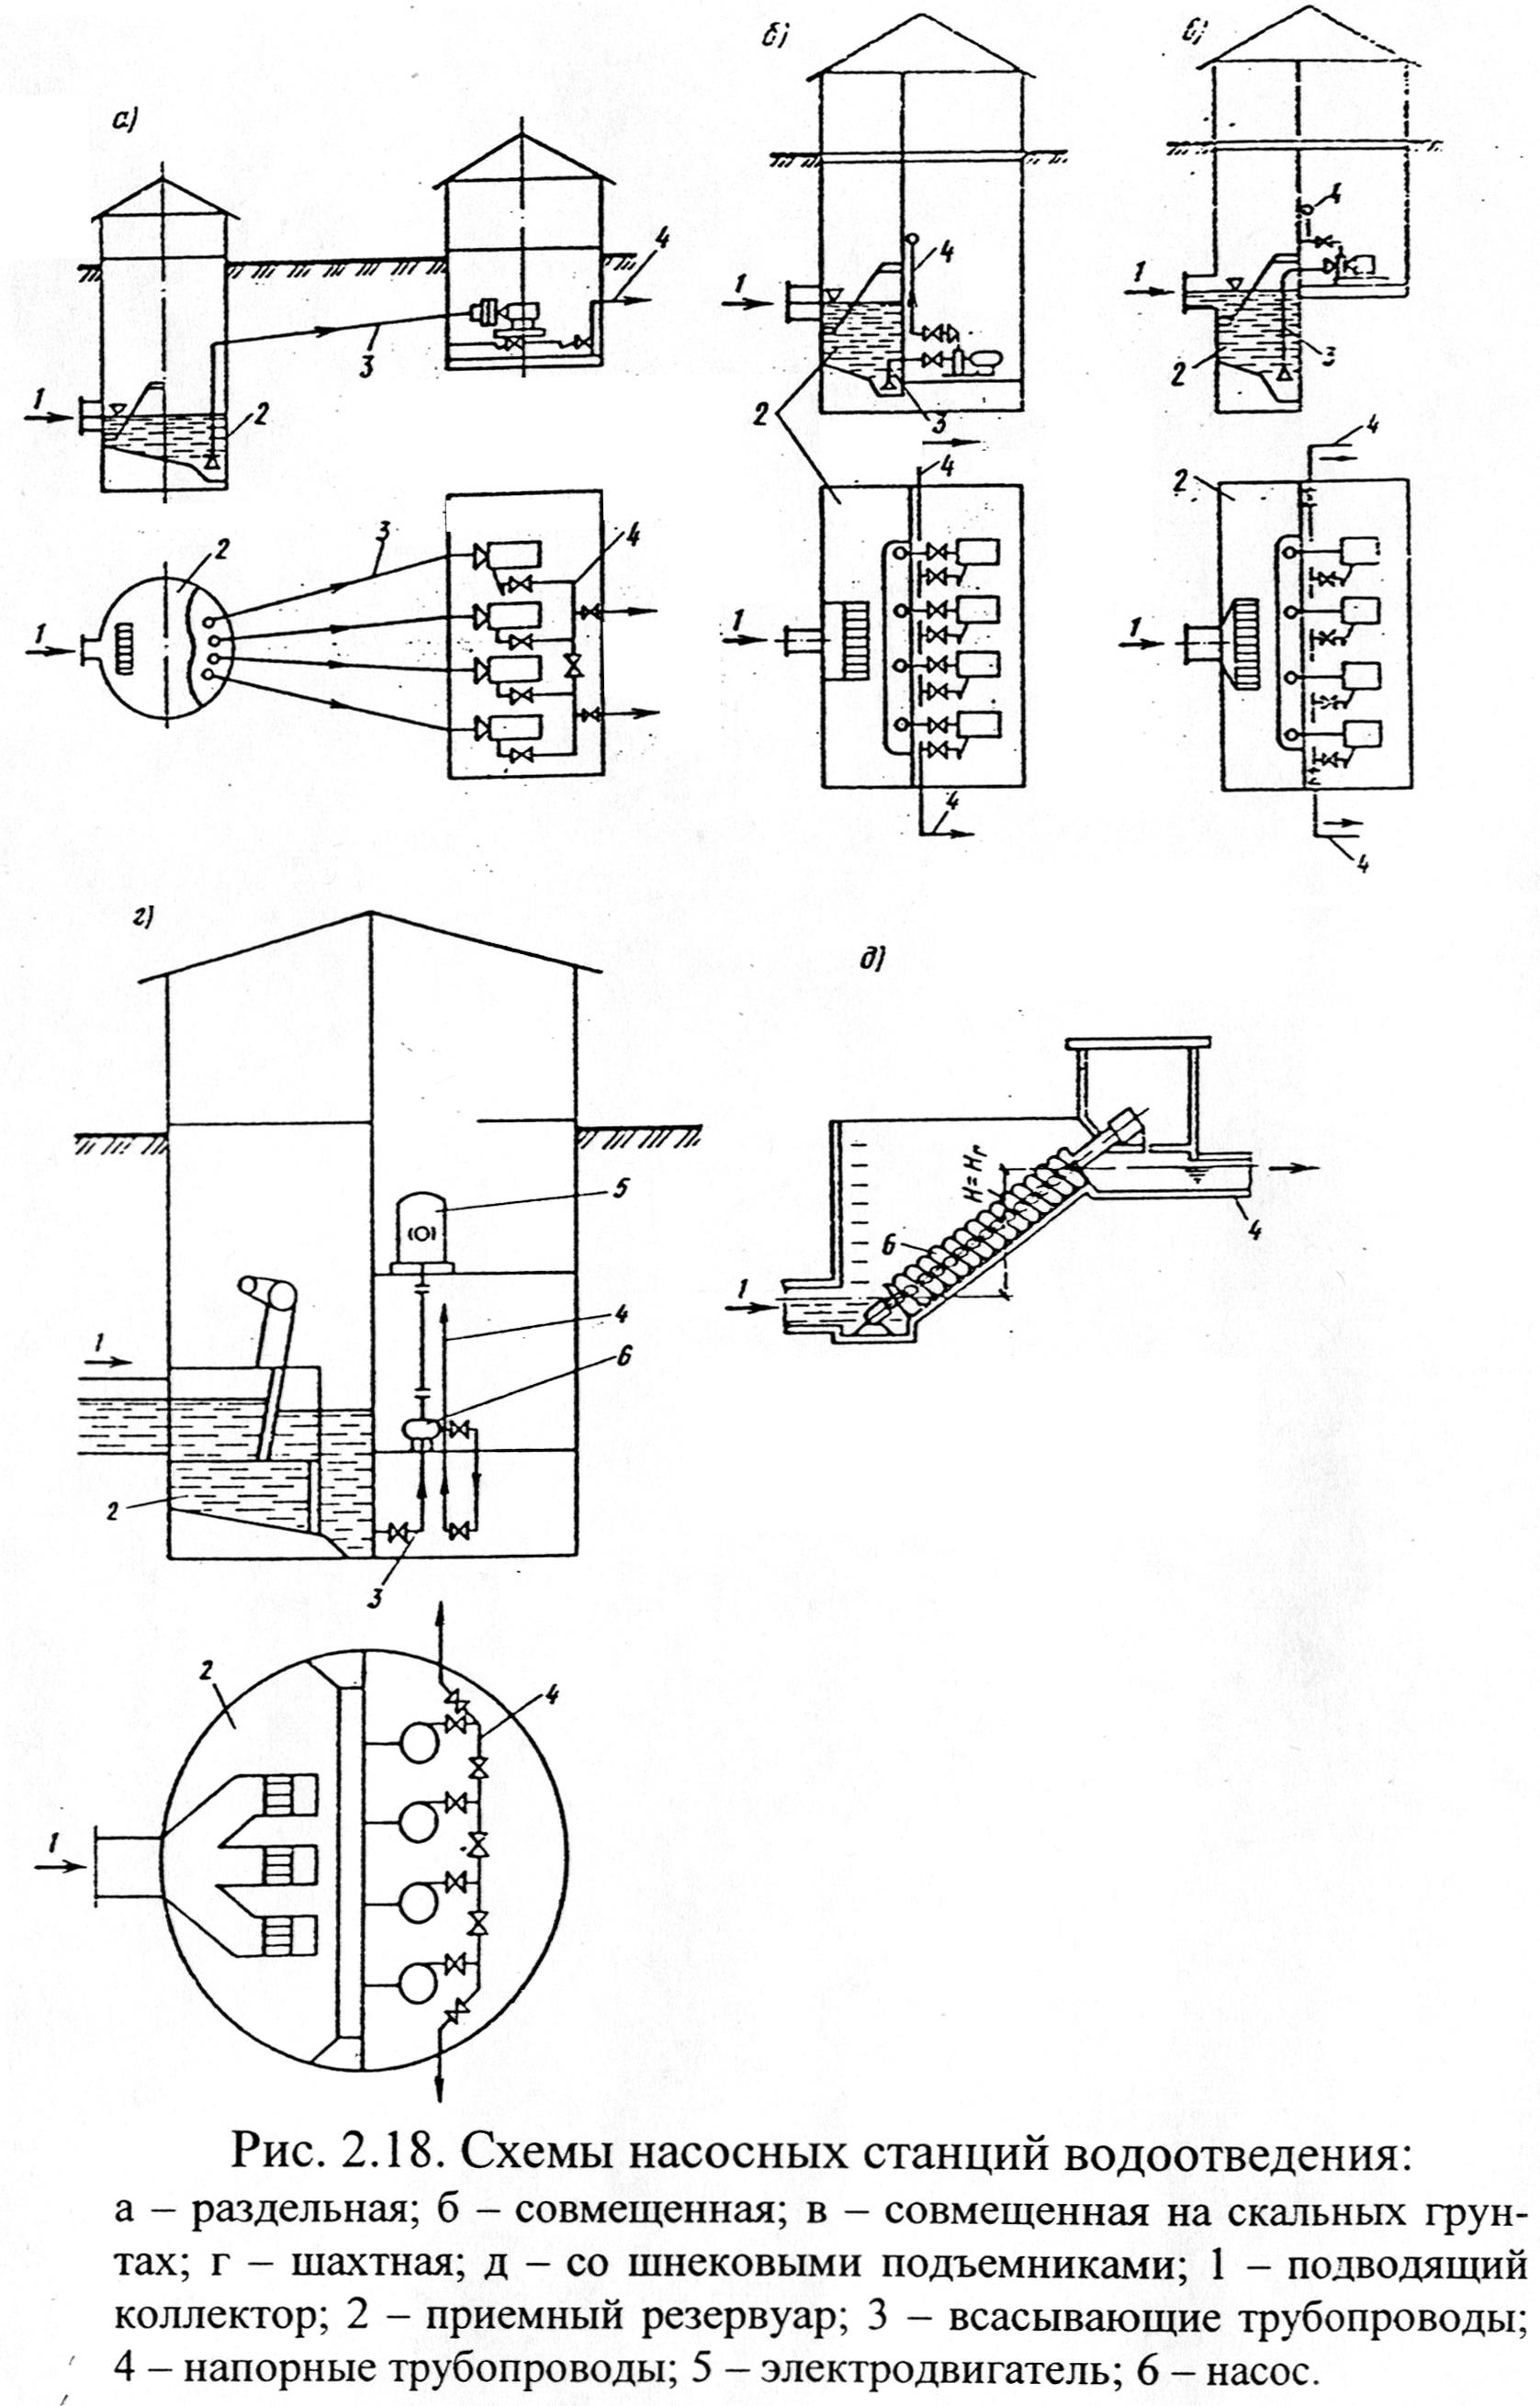 Инструкция Машиниста Канализационно Насосной Станции